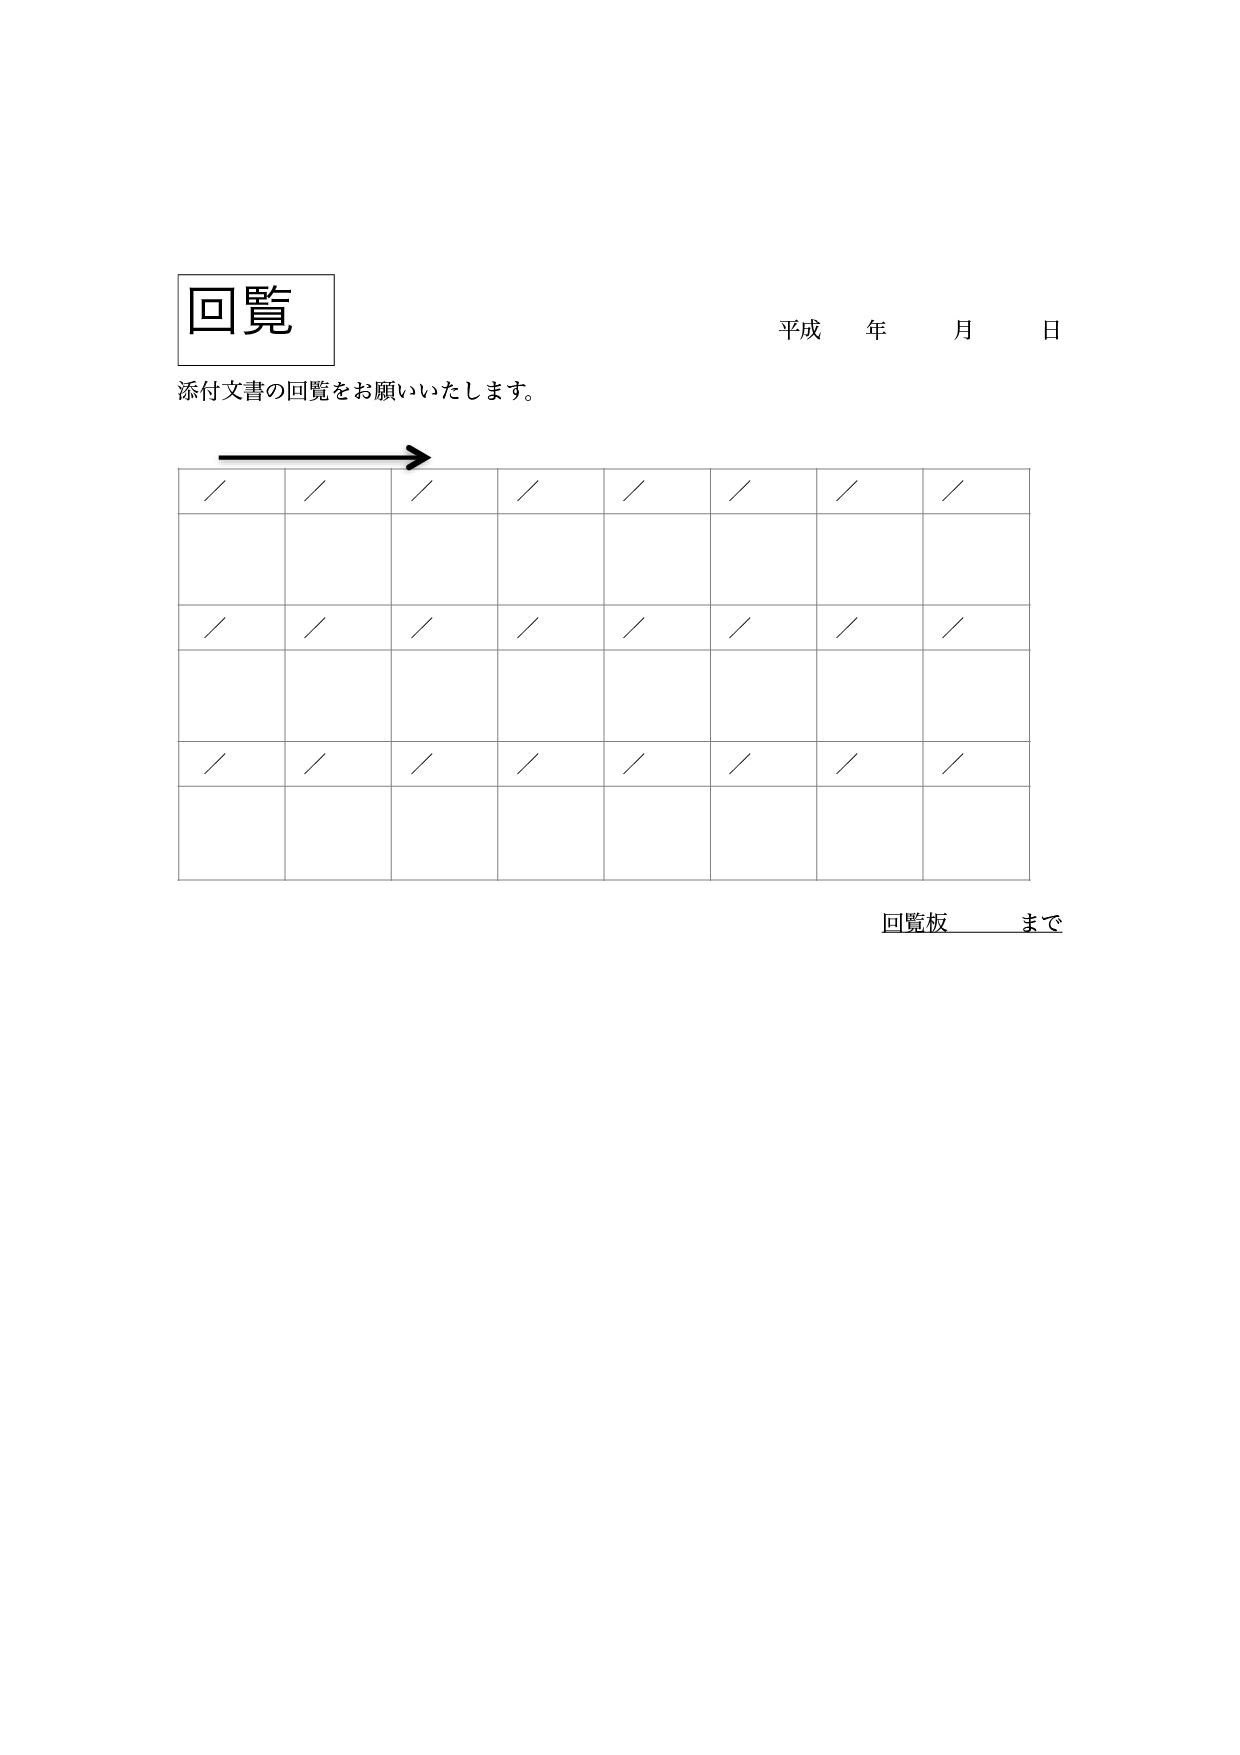 回覧板 テンプレート24人分(ワード・ページズ)